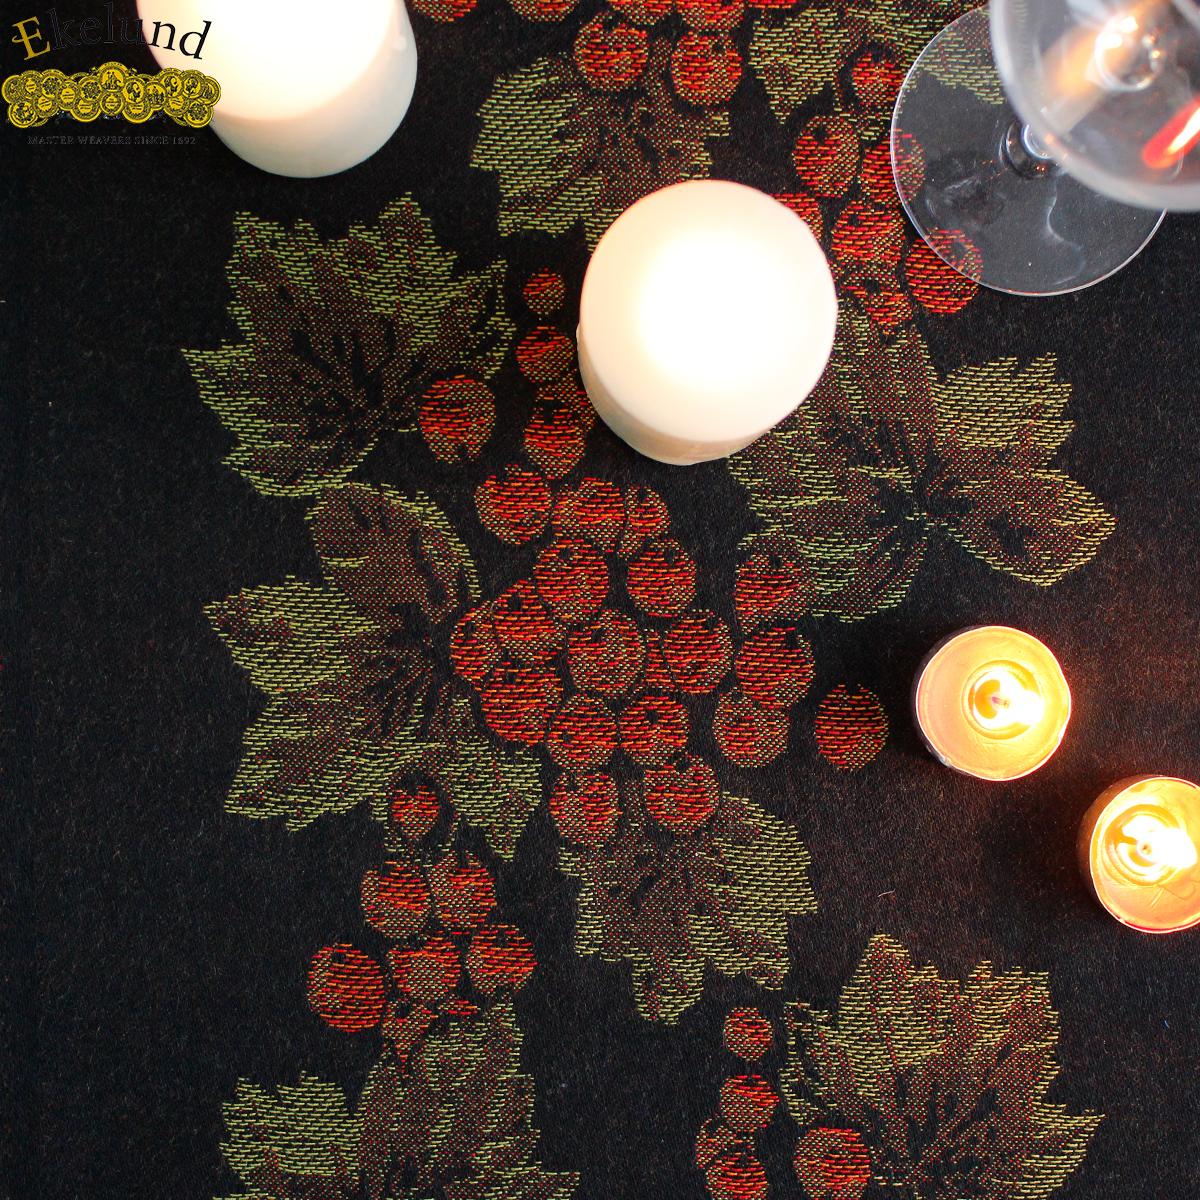 瑞典ekelund 欧式纯棉桌旗 现代简约红葡萄茶几旗酒柜桌布盖布